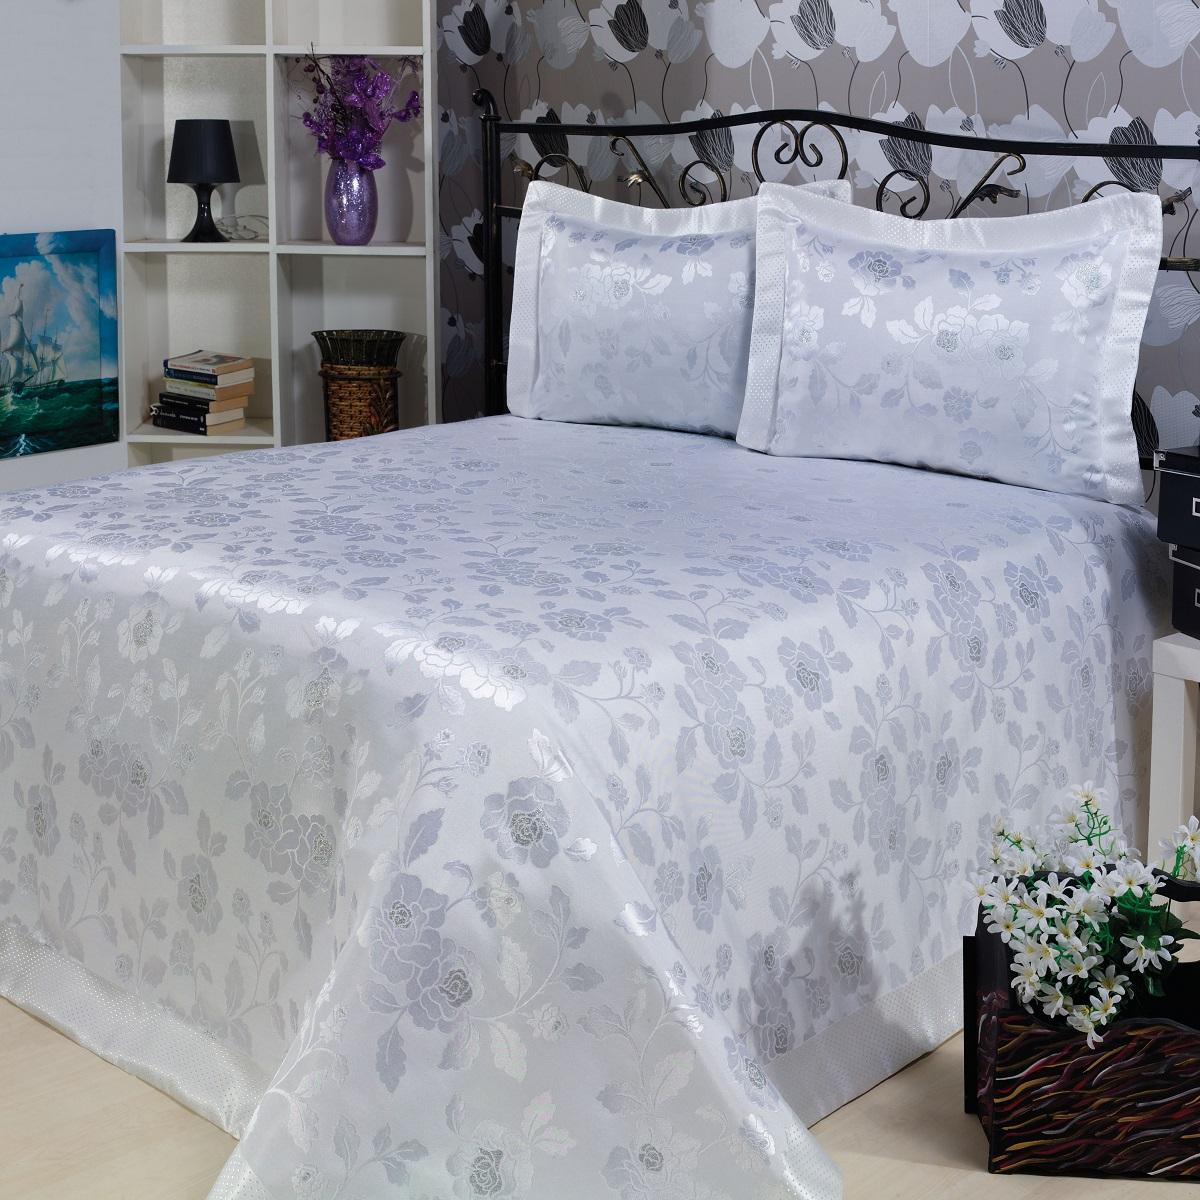 Комплект для спальни Karna Nazsu. Gul: покрывало 240 х 260 см, 2 наволочки 50 х 70 см, цвет: белый811/3/CHAR002Изысканный комплект Karna Nazsu. Gul прекрасно оформит интерьер спальни или гостиной. Комплект состоит из покрывала и двух наволочек. Изделия изготовлены из 50% хлопка и 50% полиэстера. Постельные комплекты Karna уникальны, так как они практичны и универсальны в использовании. Материал хорошо сохраняет окраску и форму. Изделия долговечны, надежны и легко стираются. Комплект Karna не только подарит тепло, но и гармонично впишется в интерьер вашего дома. Размер покрывала: 240 х 260 см. Размер наволочки: 50 х 70 см.